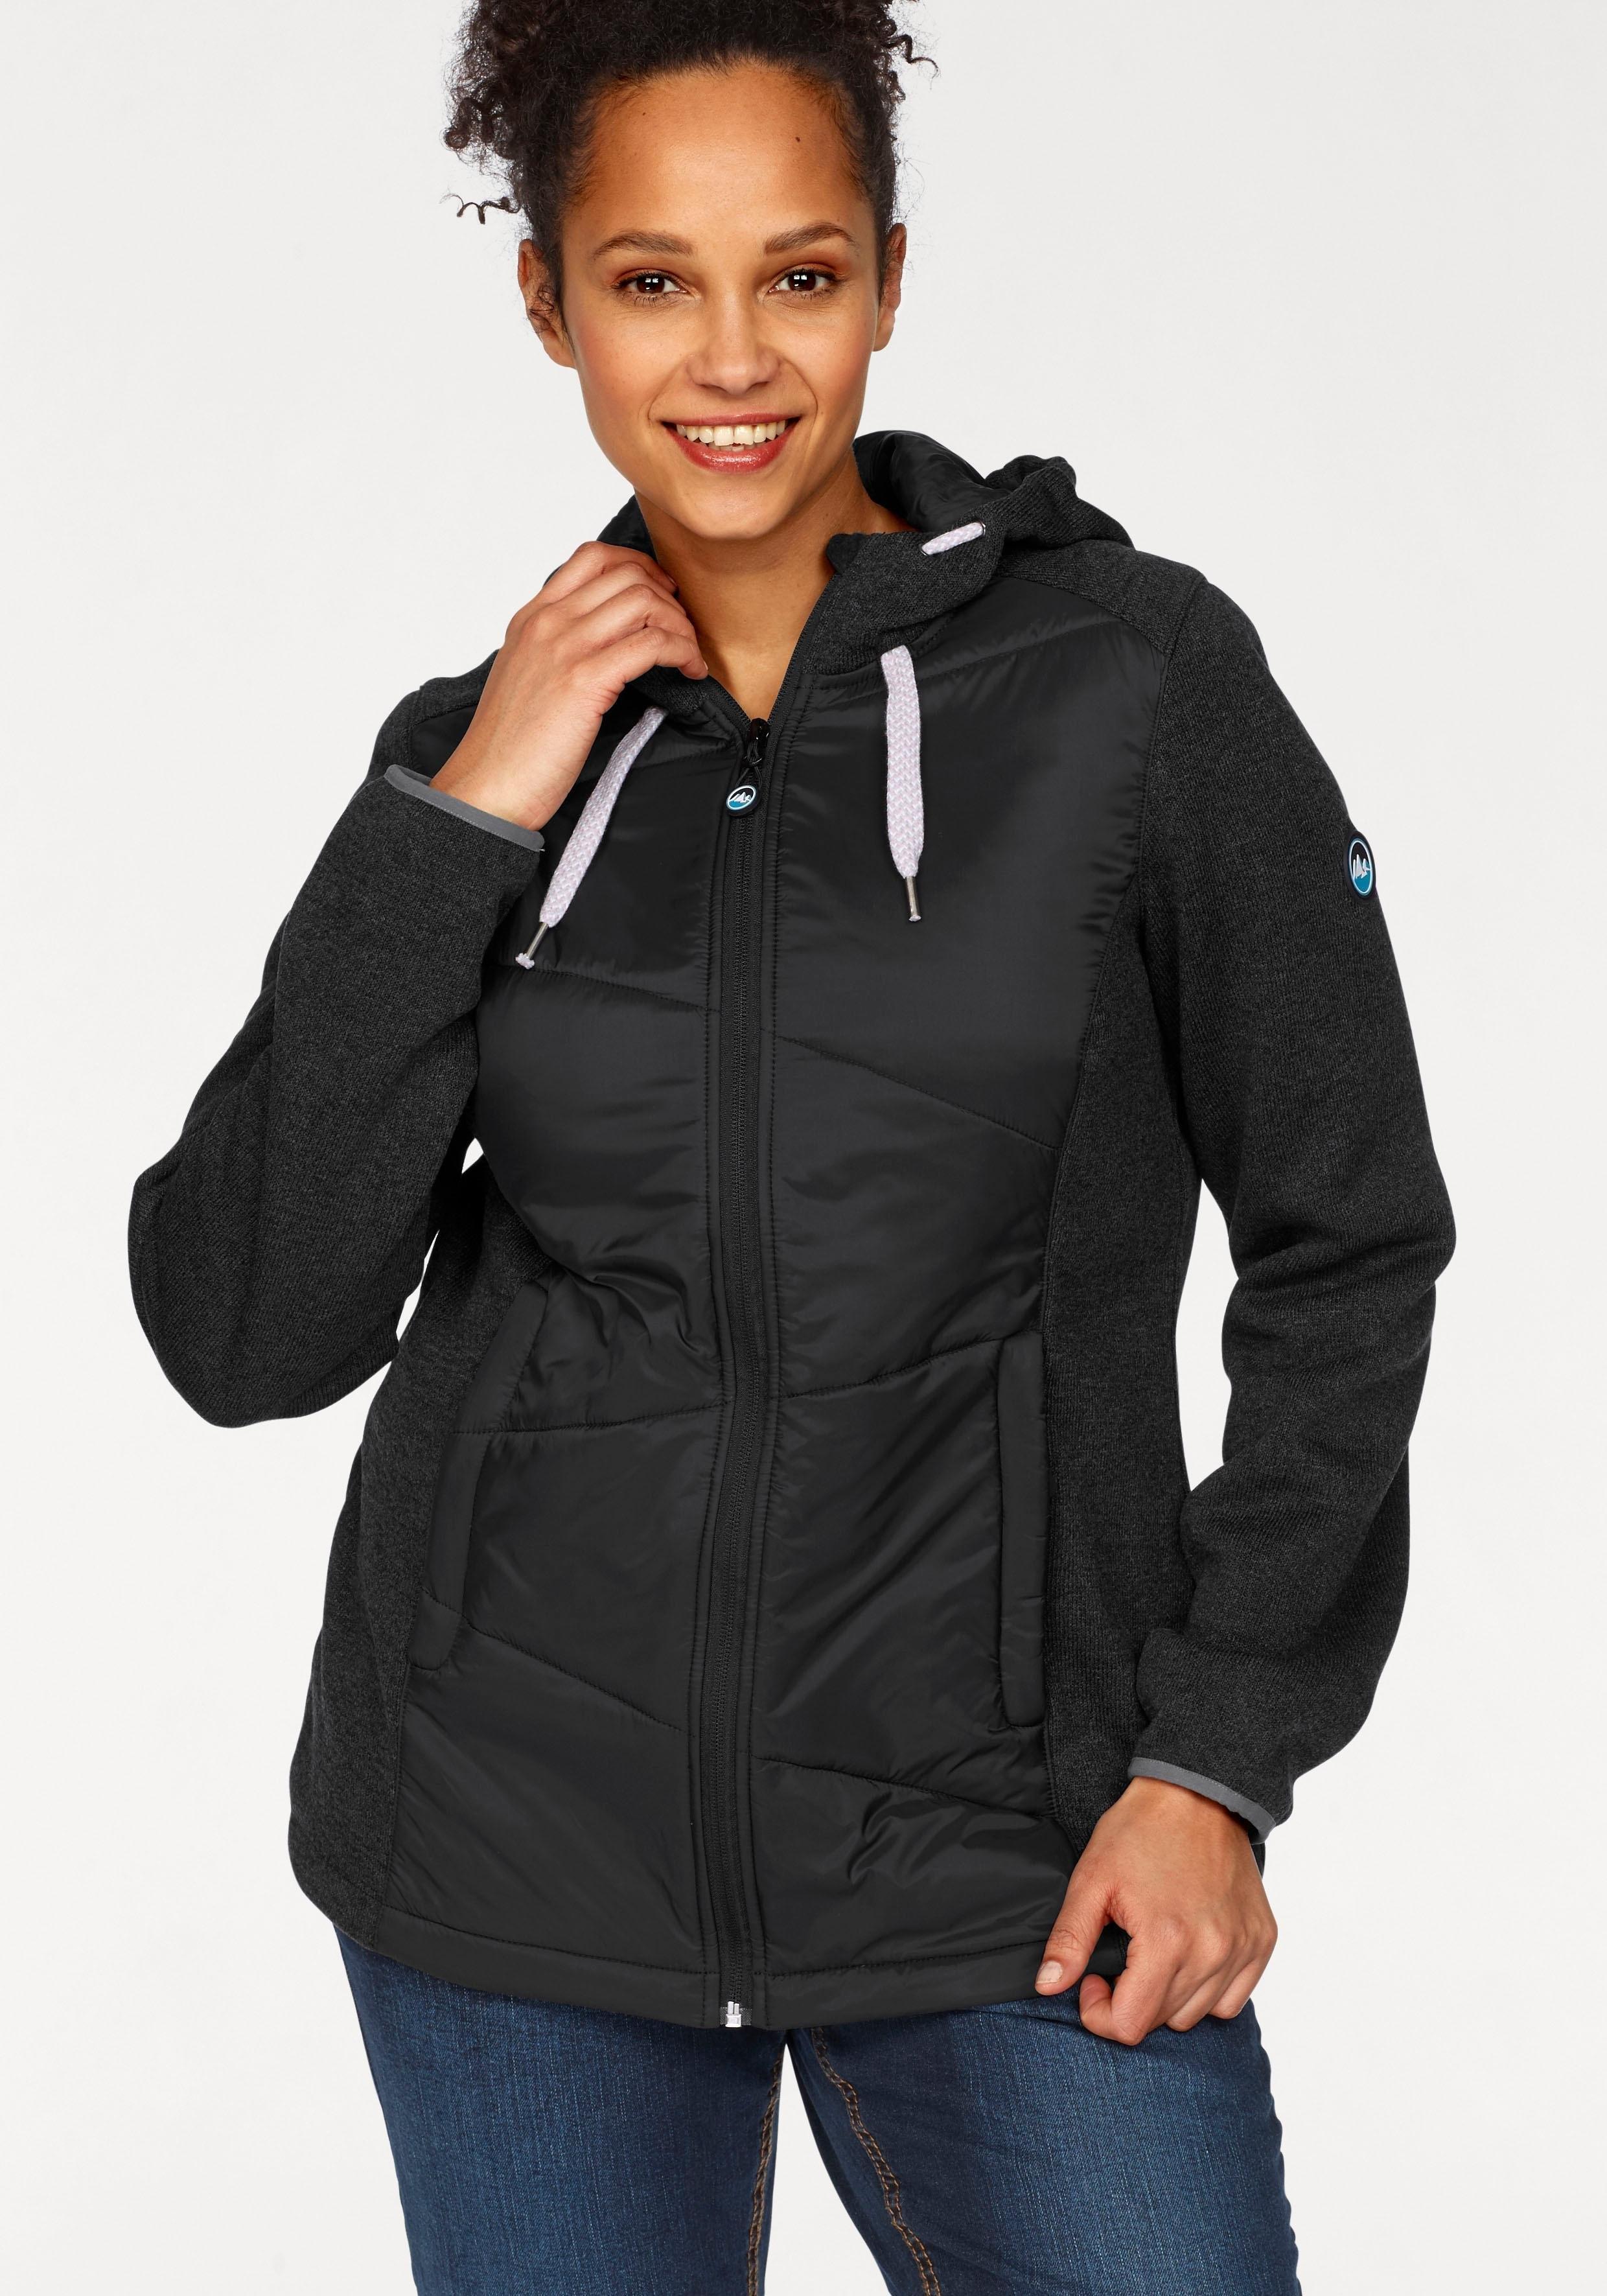 Polarino tricot-fleecejack voordelig en veilig online kopen